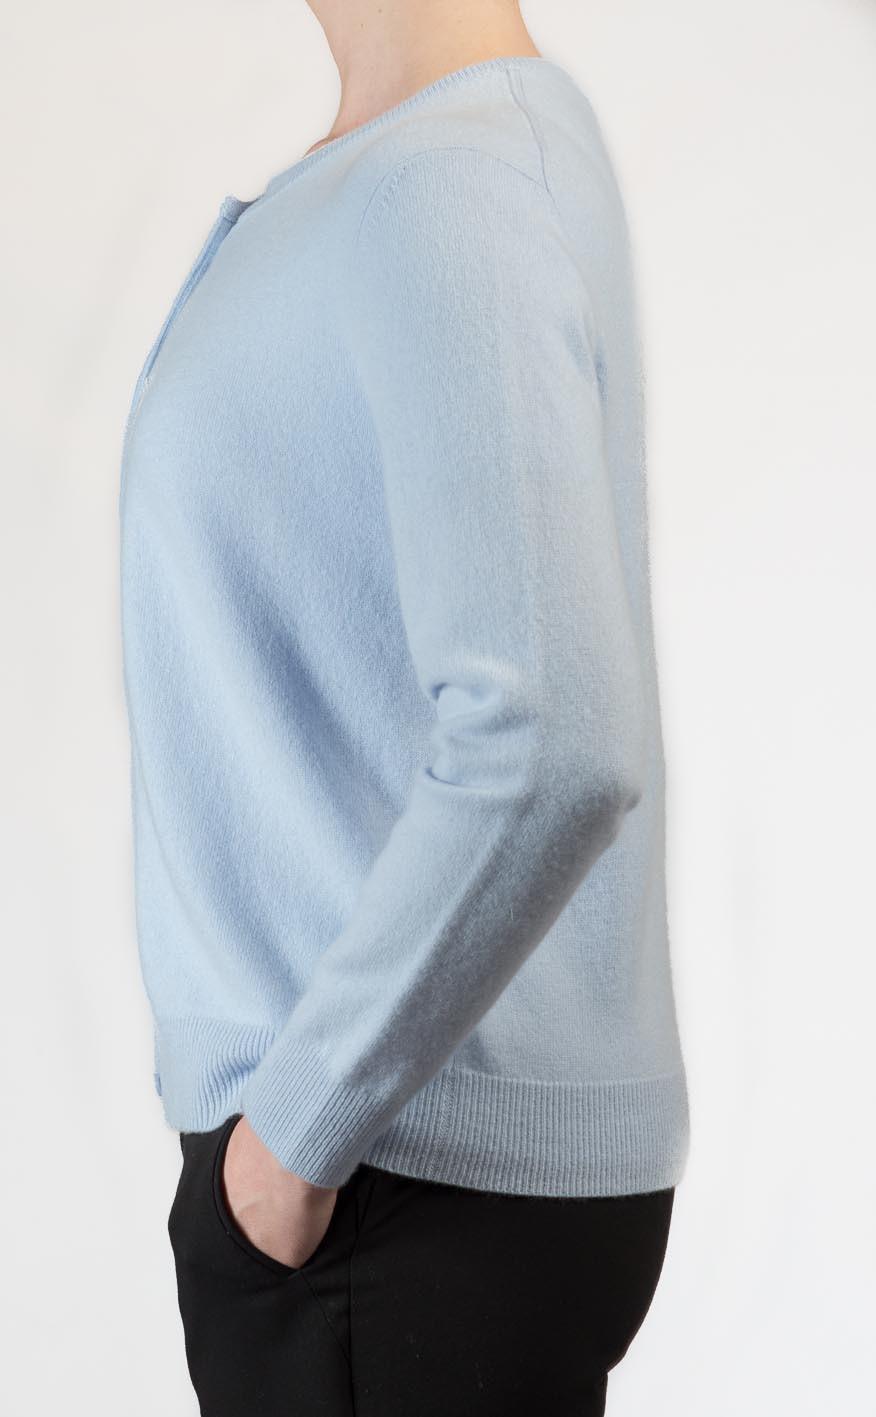 Colour: Pale Blue